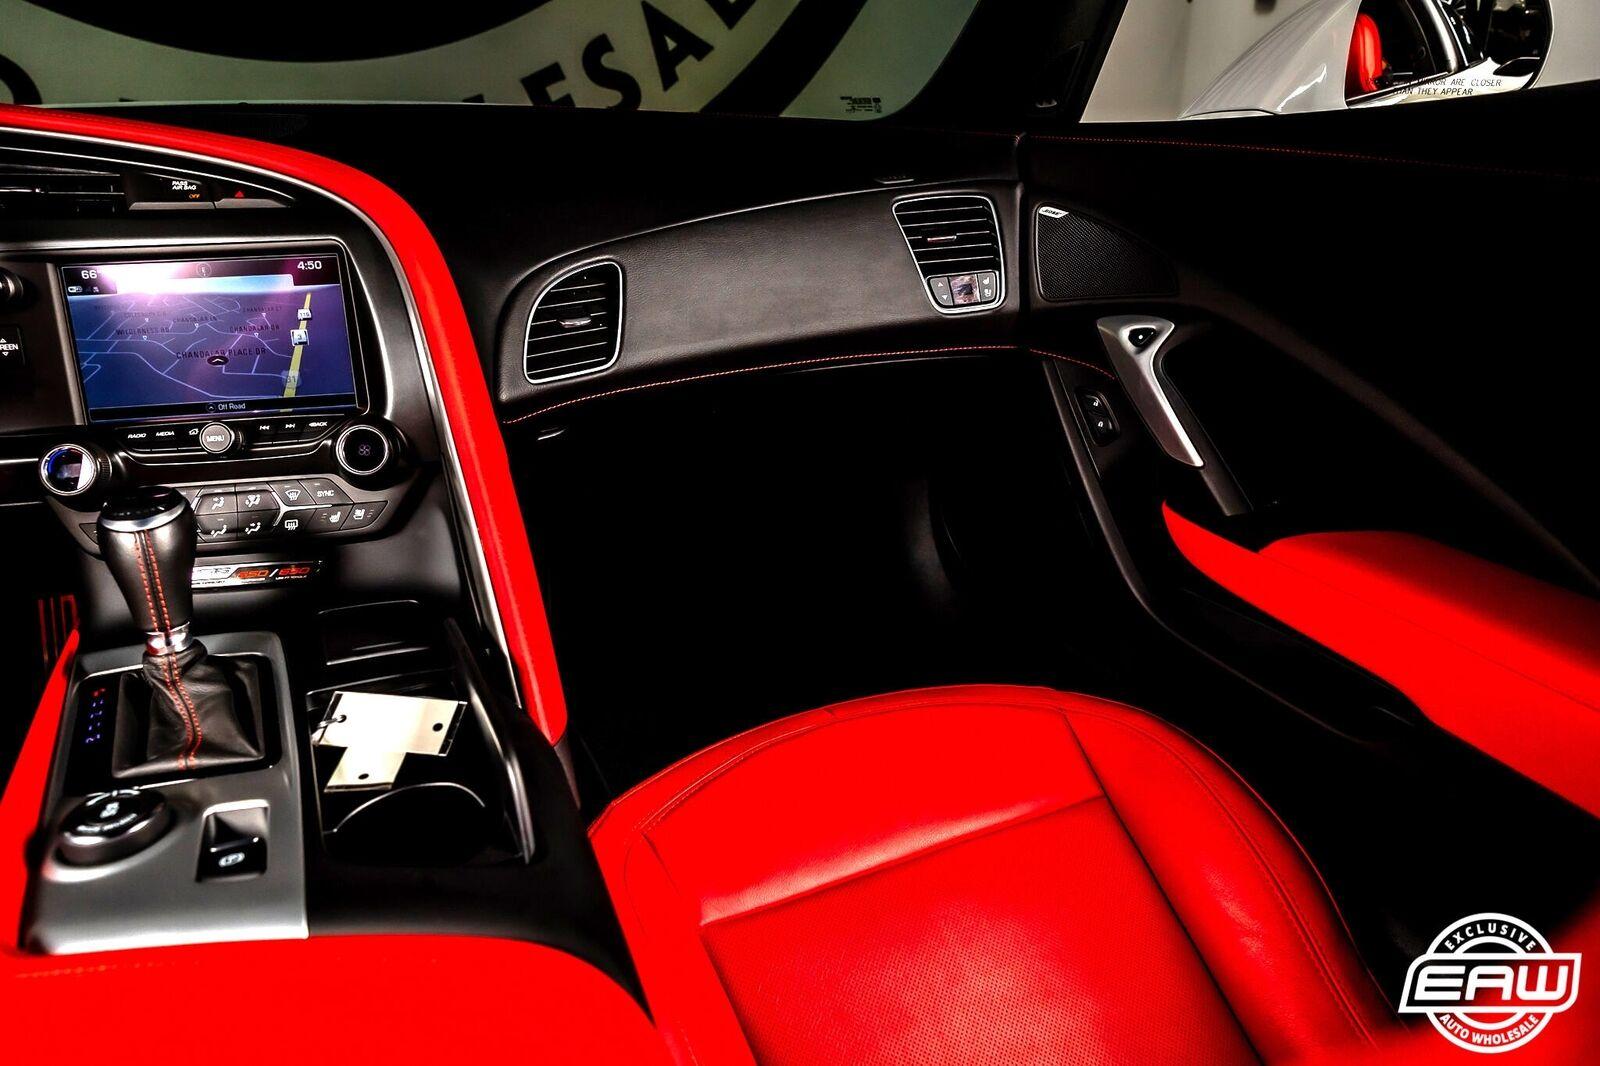 2019 White Chevrolet Corvette Z06 2LZ | C7 Corvette Photo 8